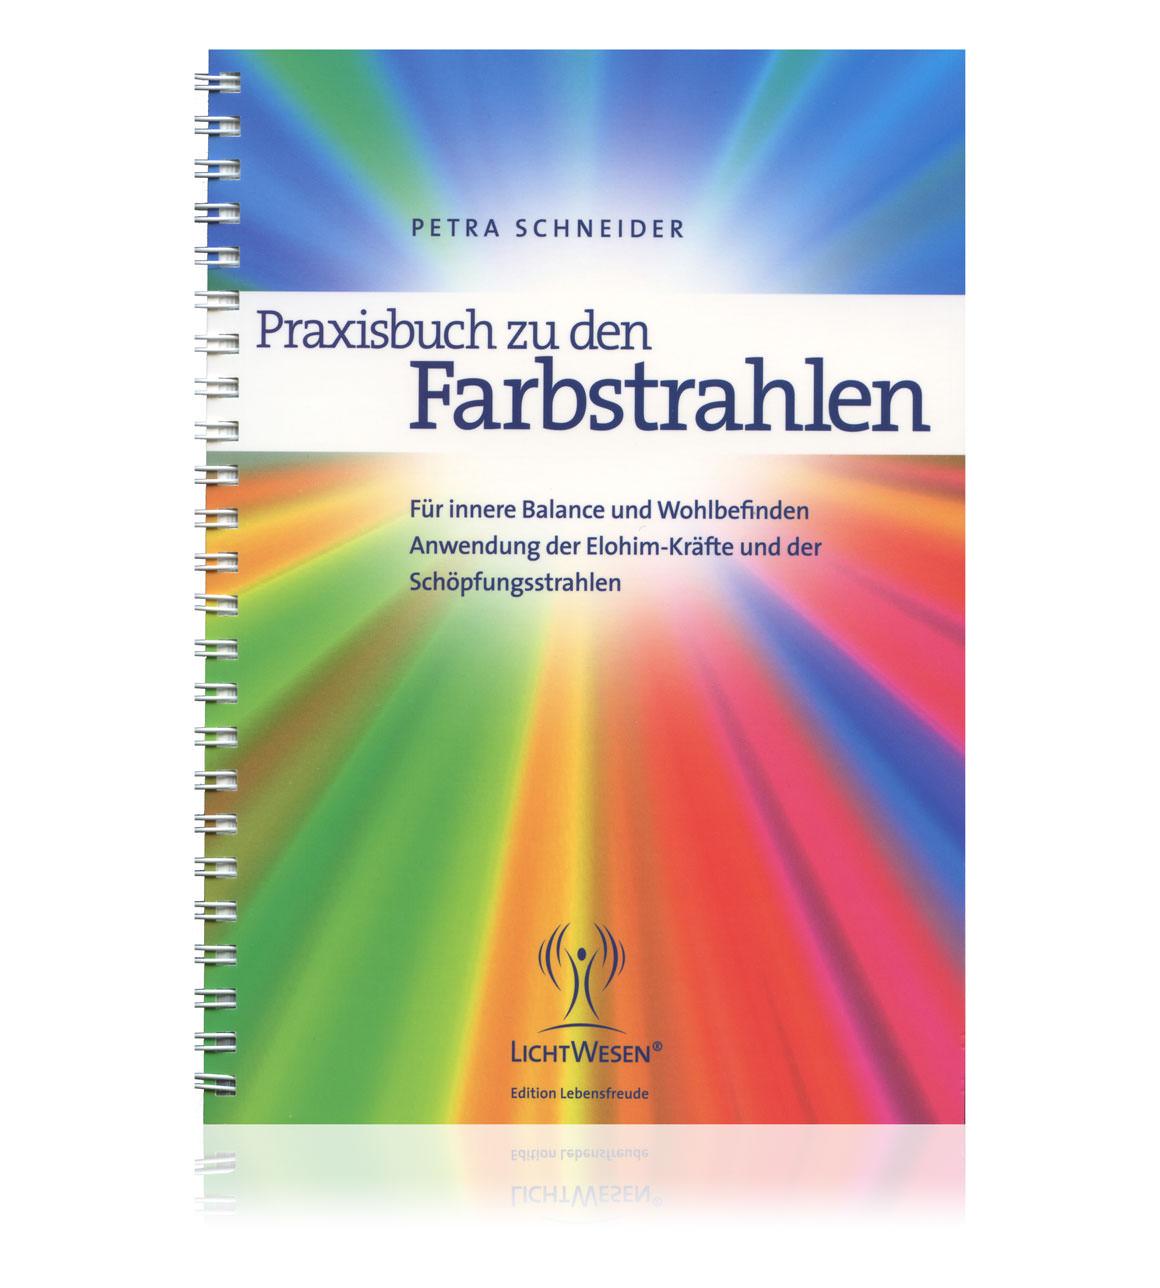 Praxisbuch zu den Farbstrahlen